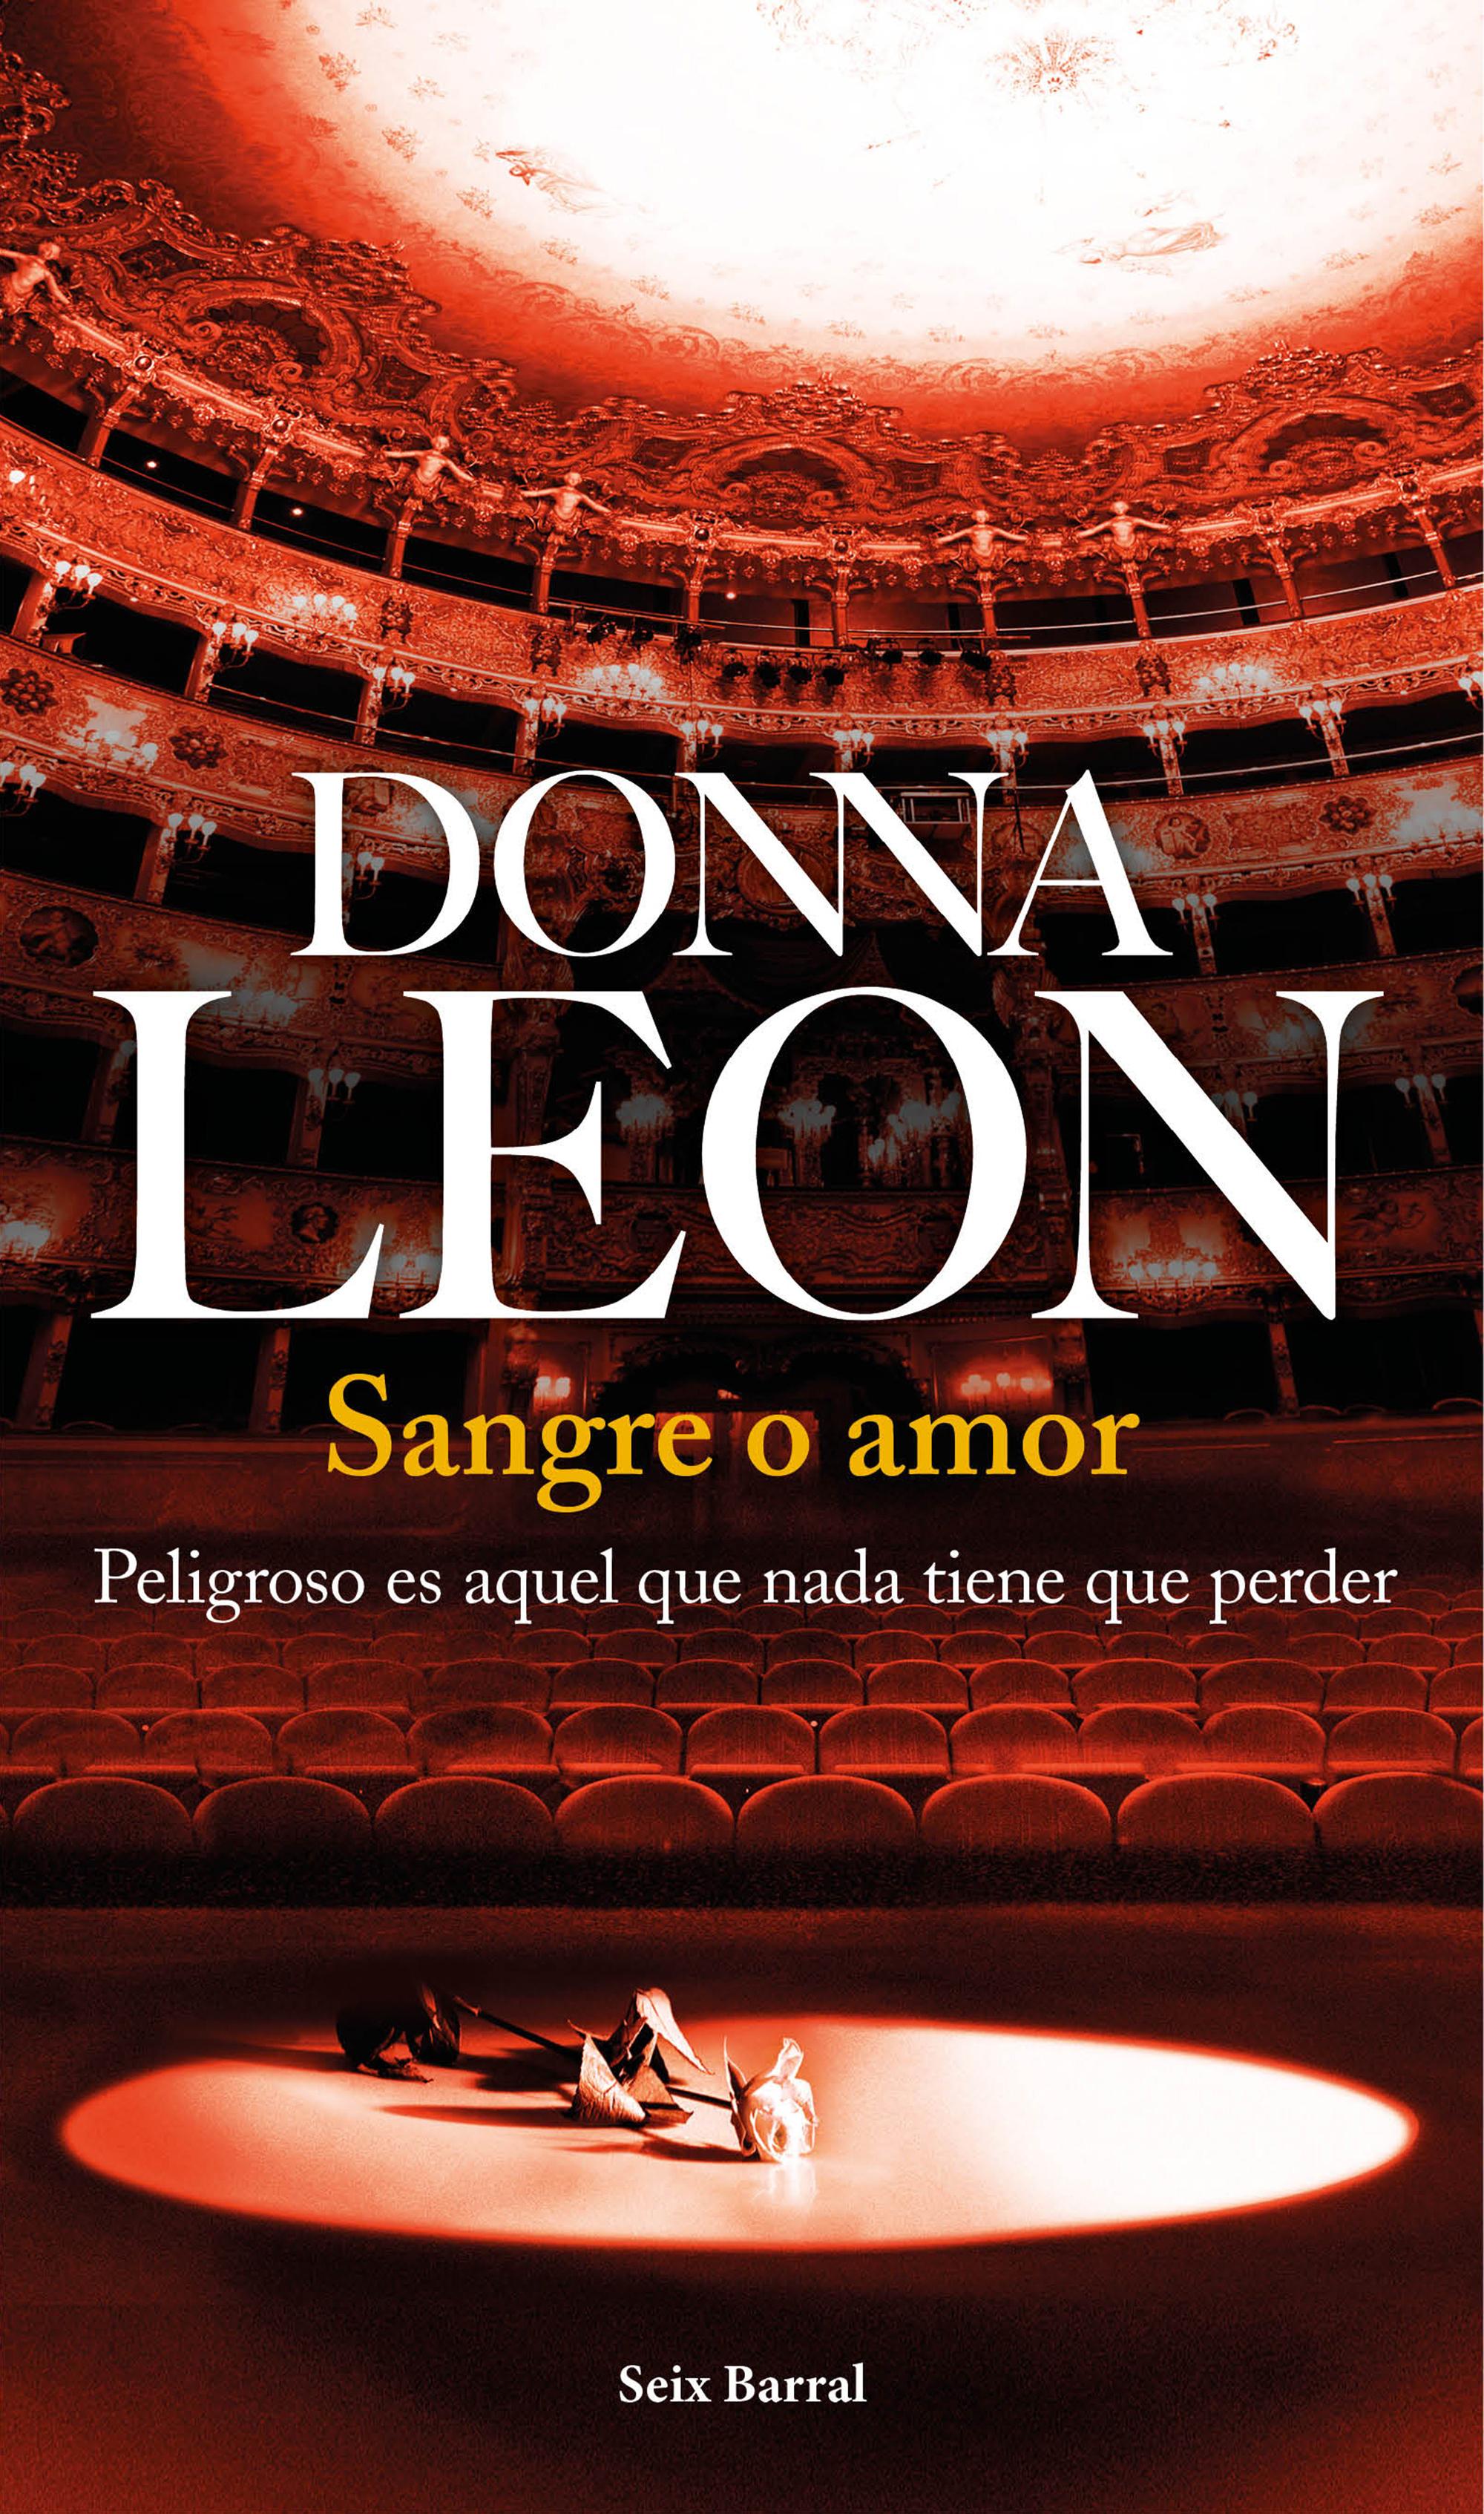 portada_sangre-o-amor_donna-leon_201411271749